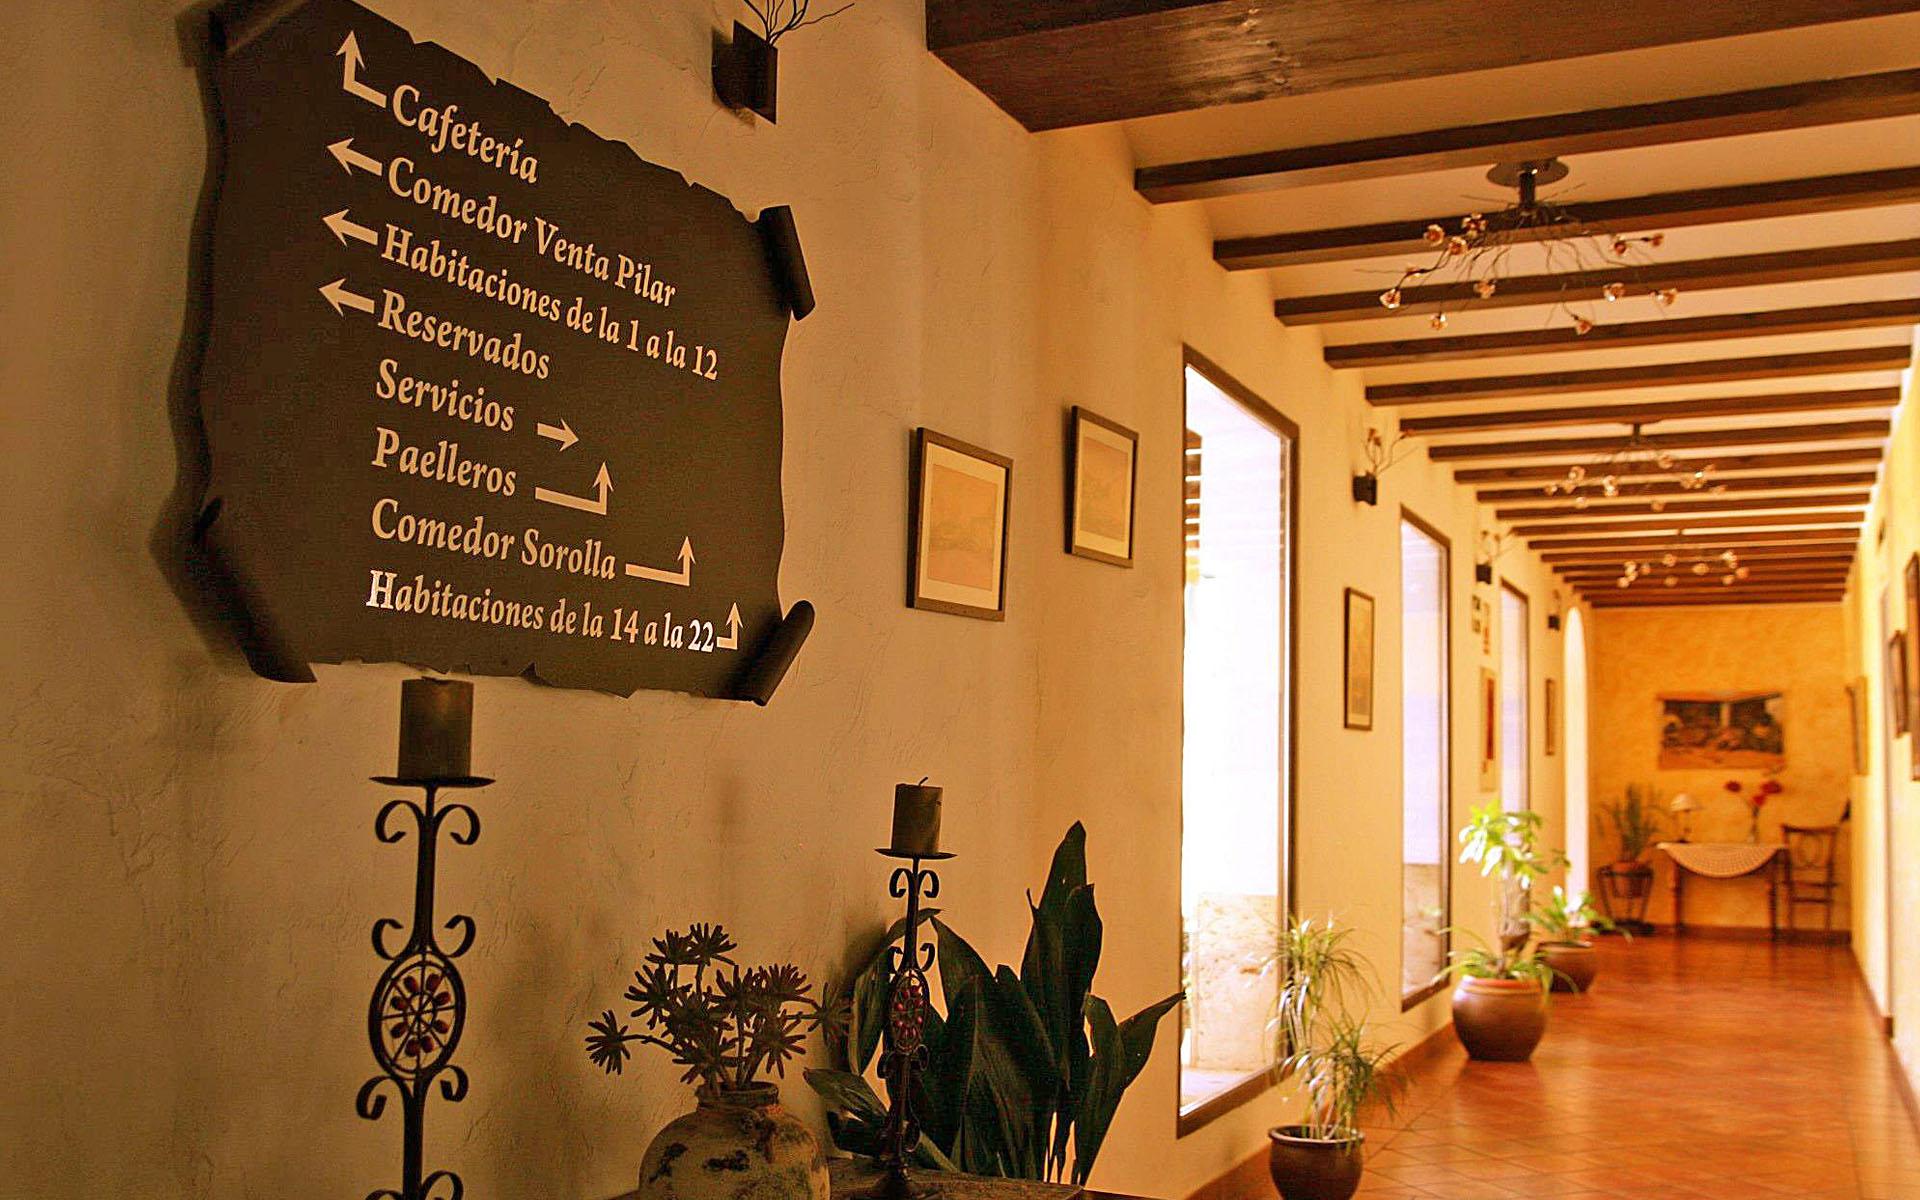 HabitacionesBuñol (Valencia) - Restaurante y cafetería